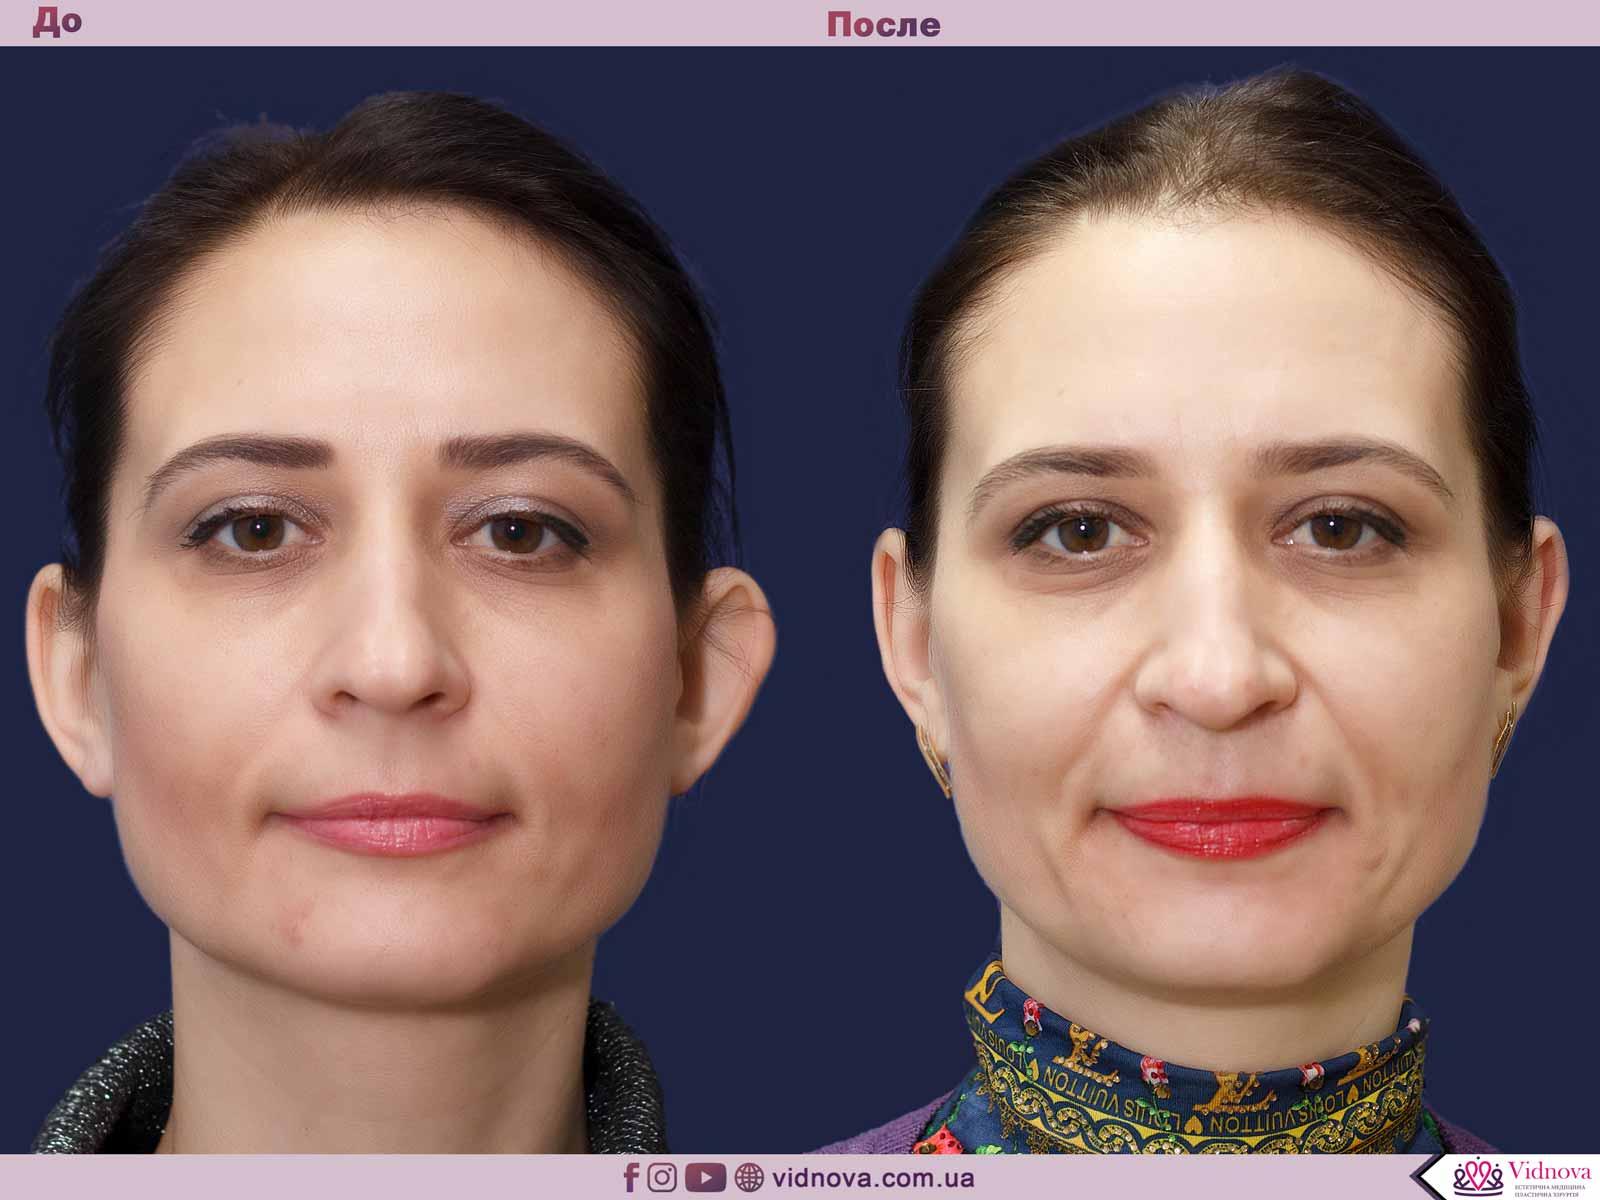 Отопластика (операция по коррекции ушей): показания, проведение, рекомендации